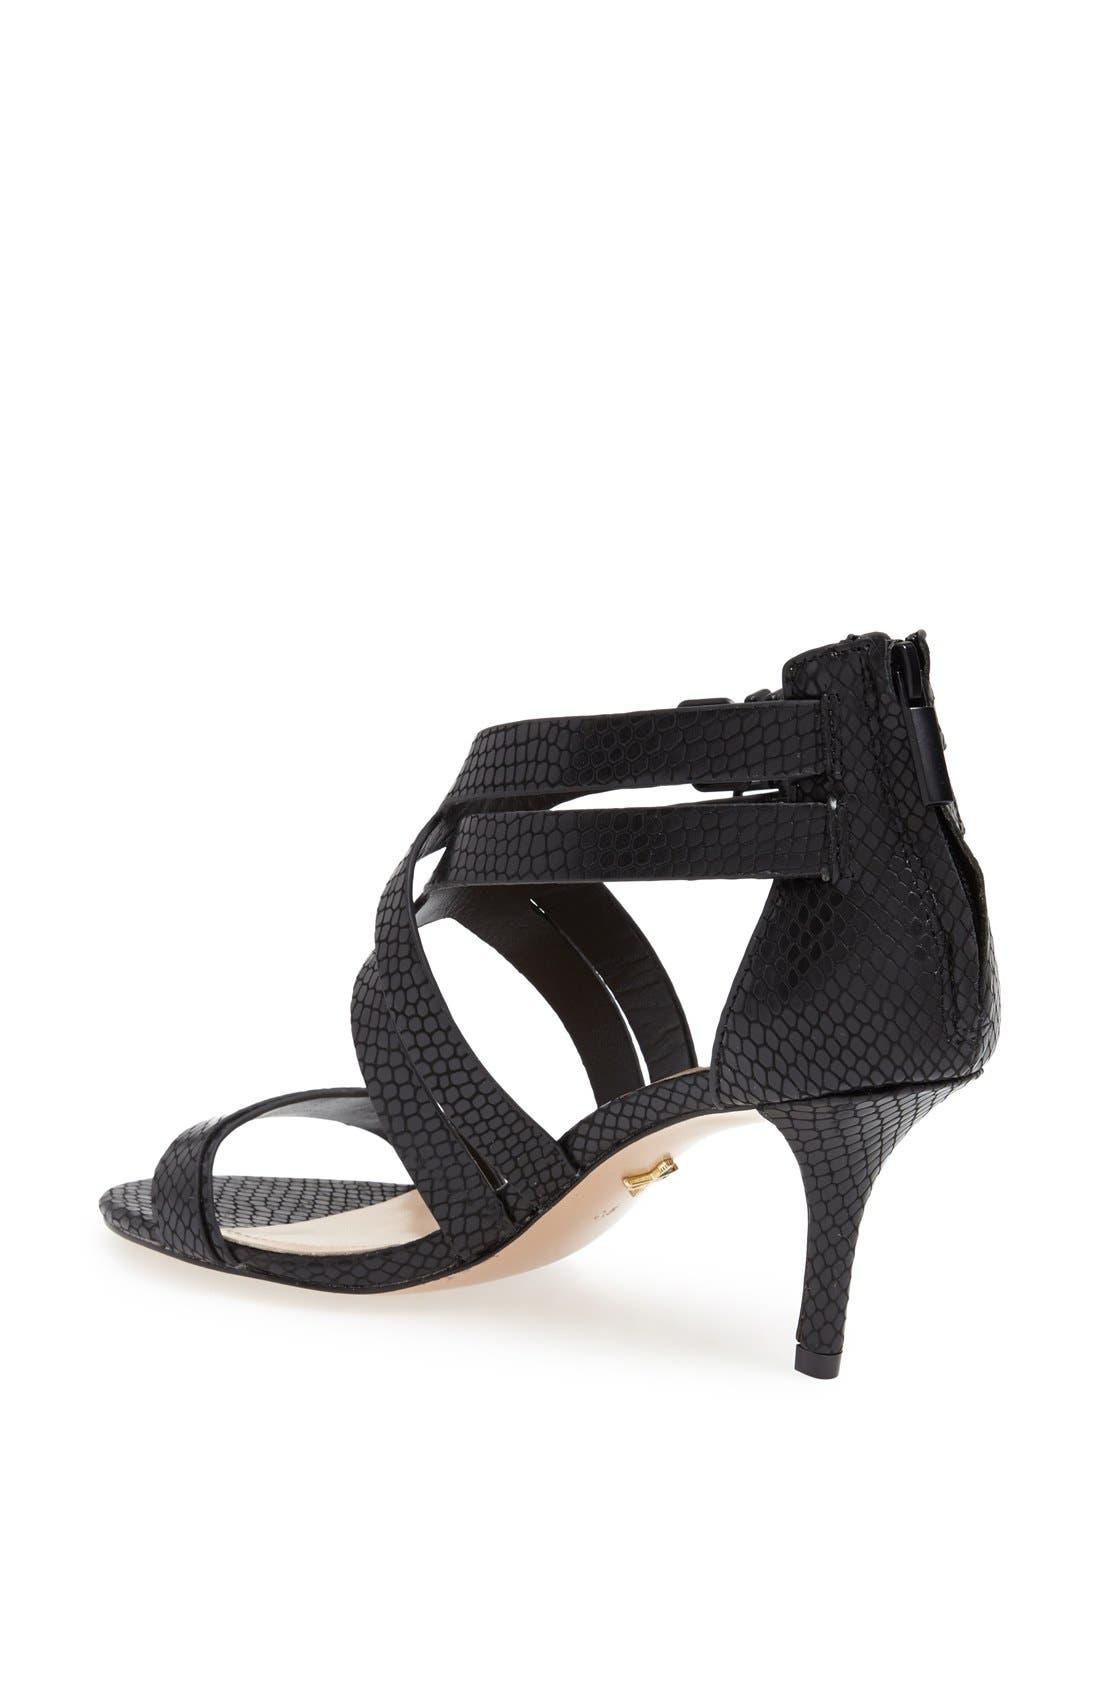 Alternate Image 2  - Pour la Victoire 'Que' Sandal